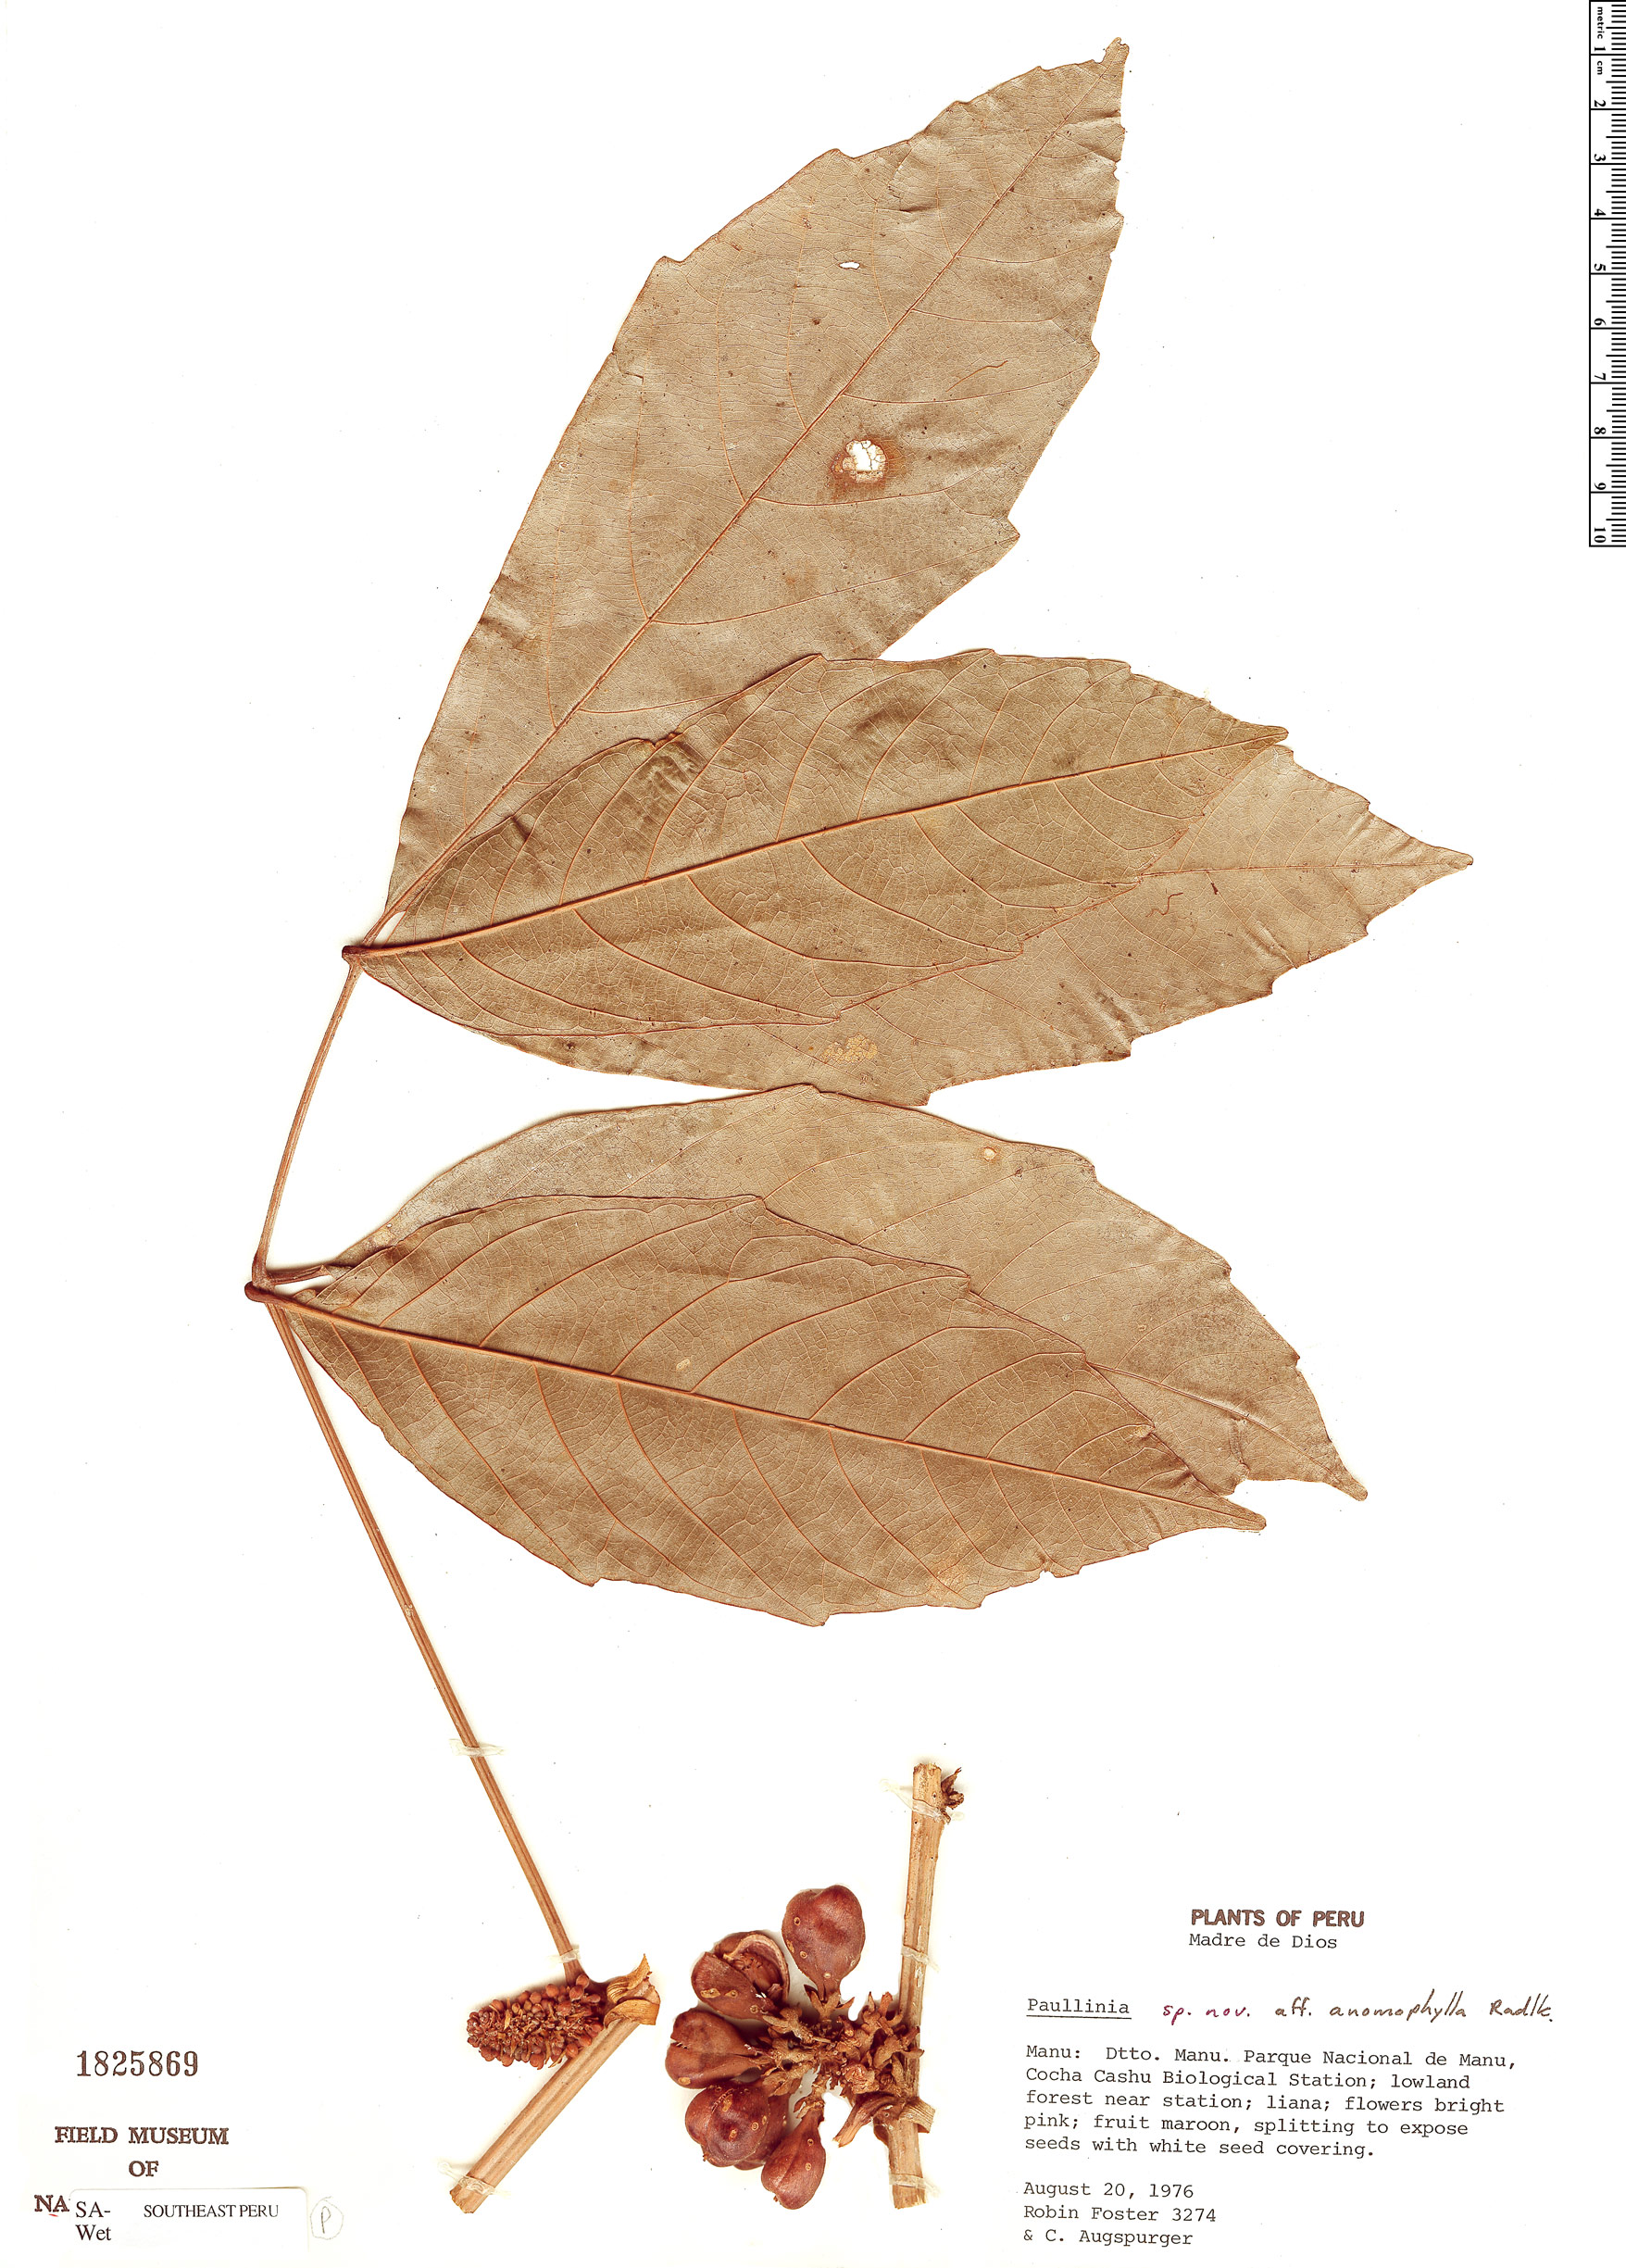 Specimen: Paullinia anomophylla